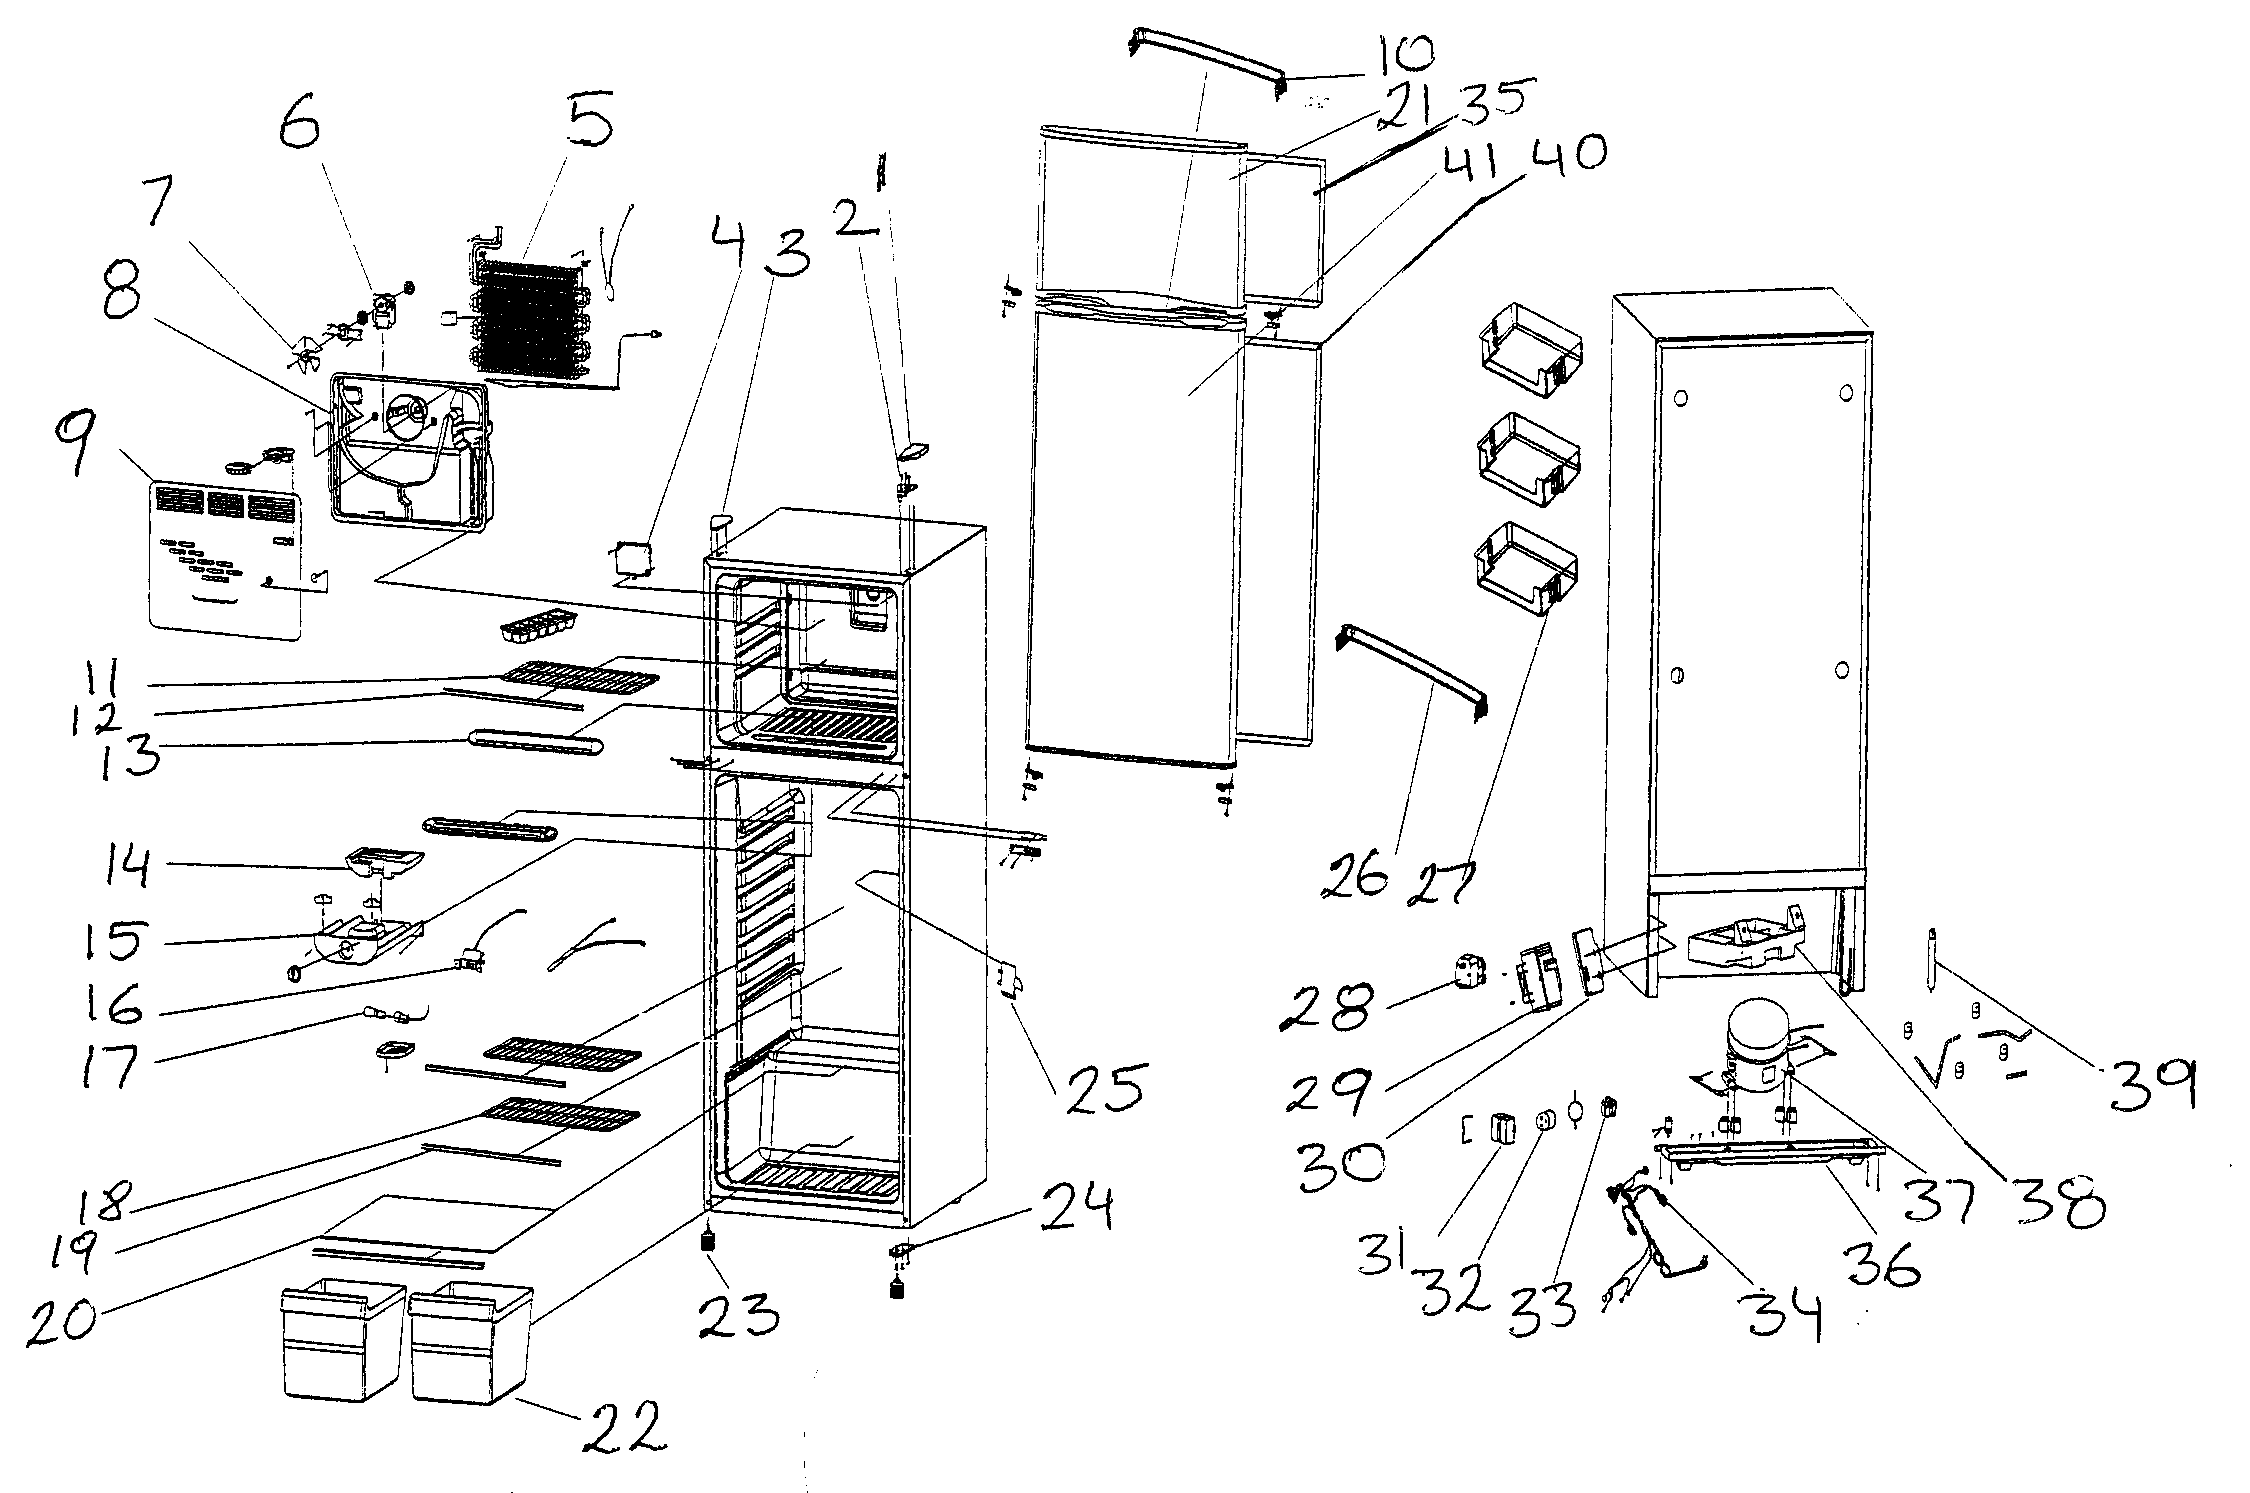 Wrg Refrigerator Diagram Parts